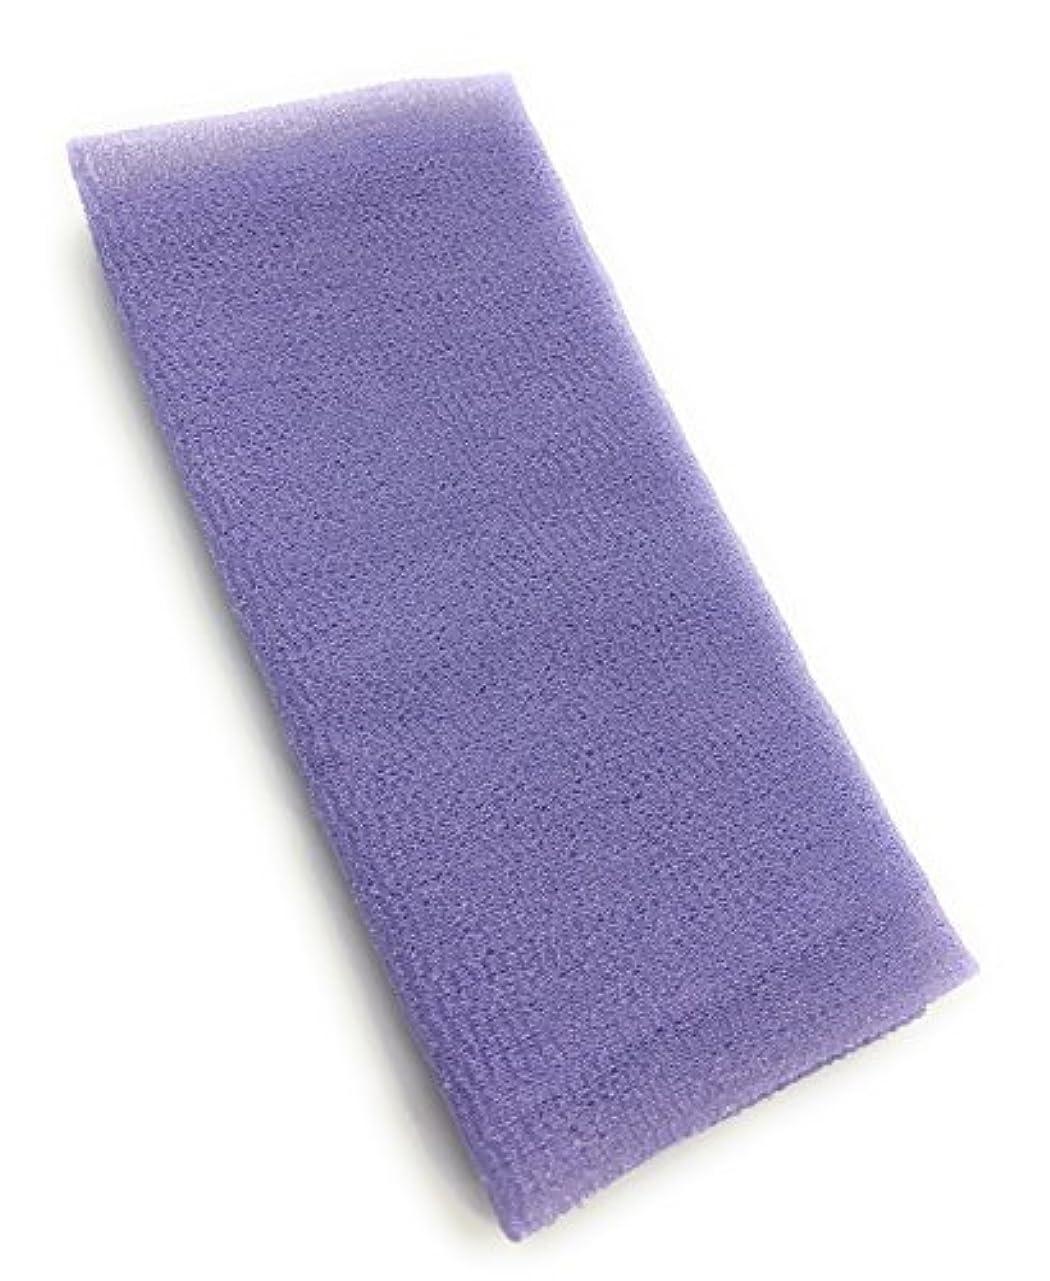 方法国歌レバーMaltose あかすりタオル ボディタオル ロング やわらか 体洗いタオル 泡立ち 背中 風呂 メンズ 垢すり (パープル)